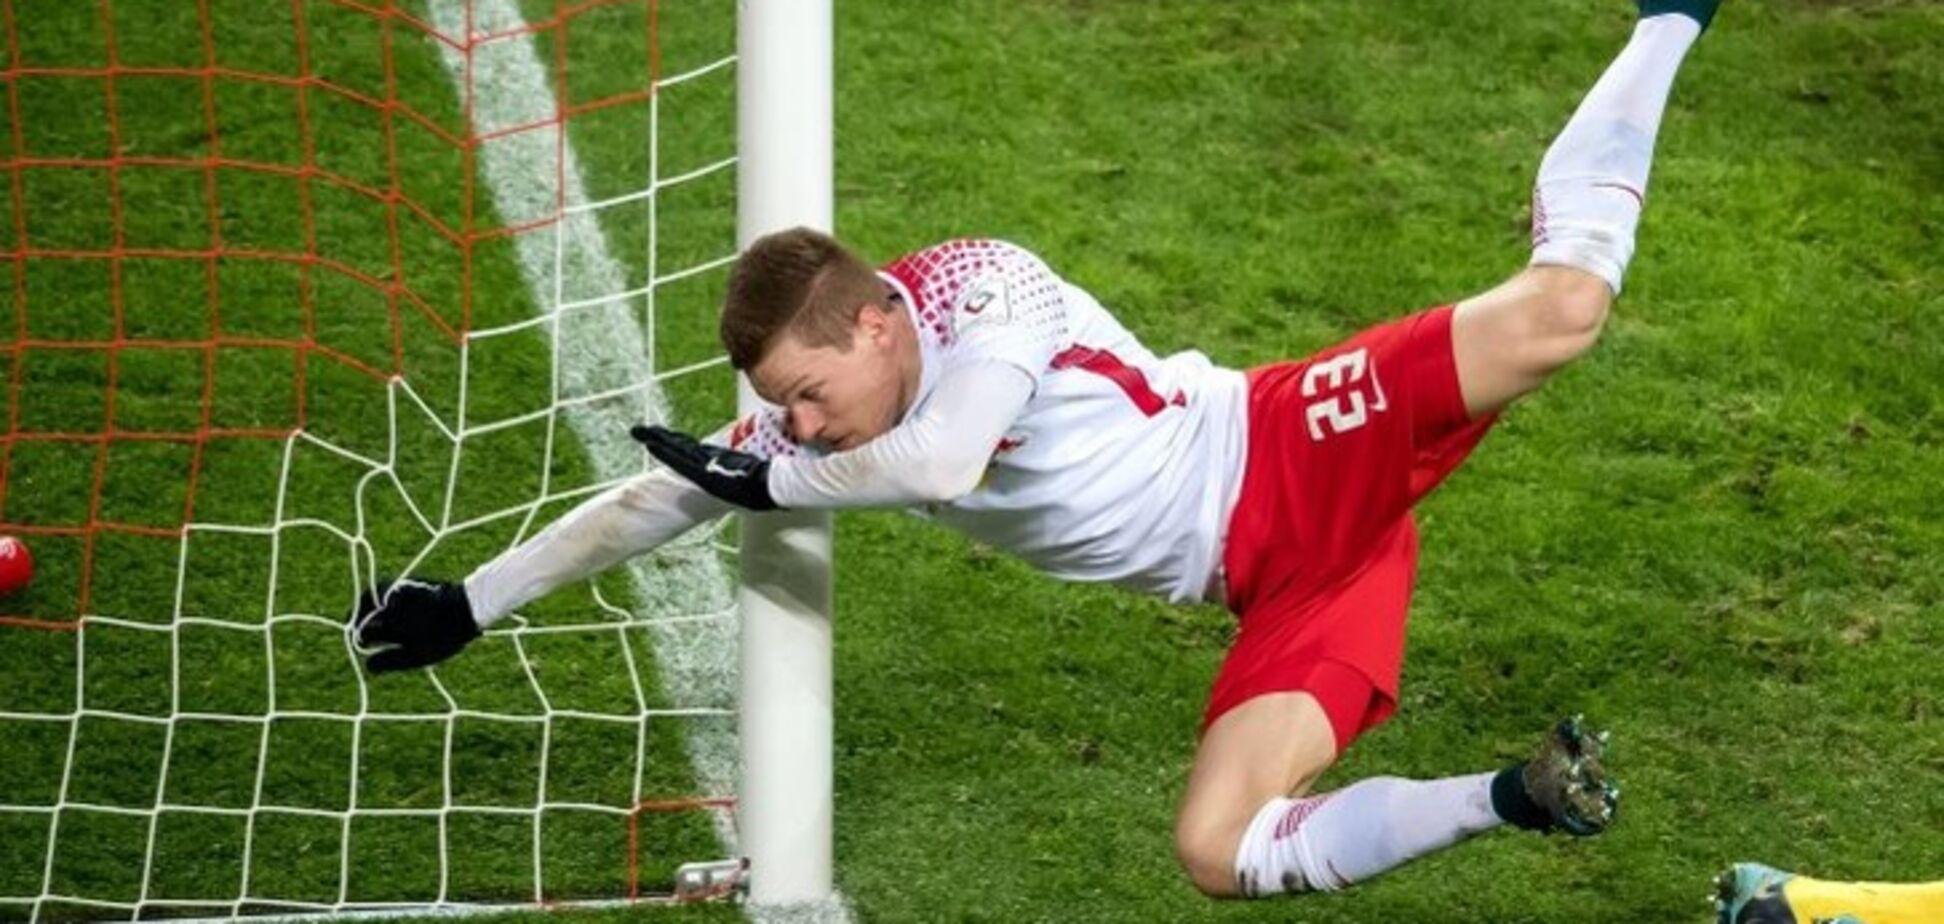 Футболіст збірної Німеччини отримав страшну травму під час голу: опубліковано відео інциденту